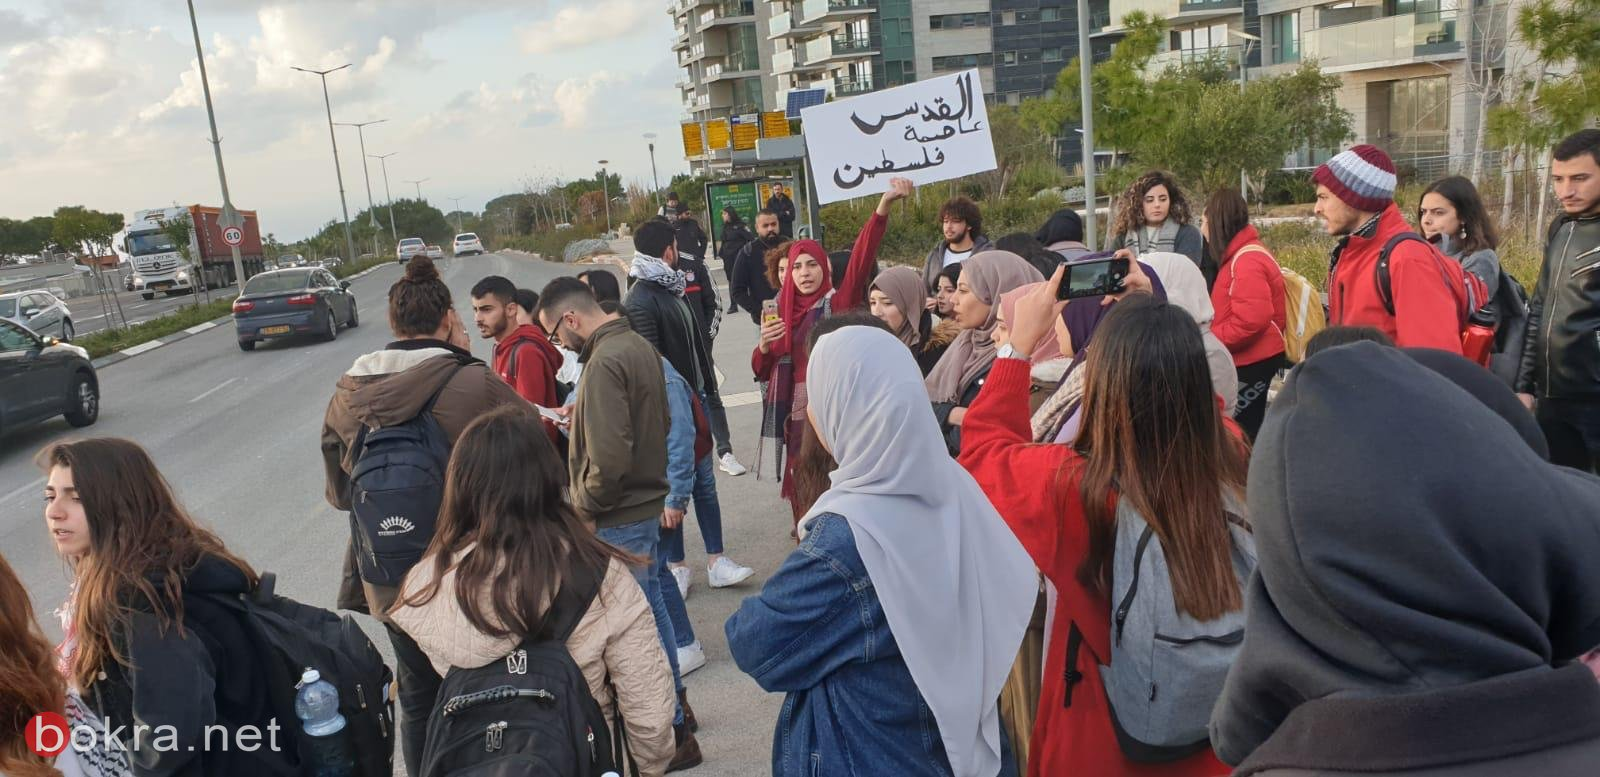 حيفا: طلاب عرب من الجامعة يتظاهرون ضد صفقة القرن